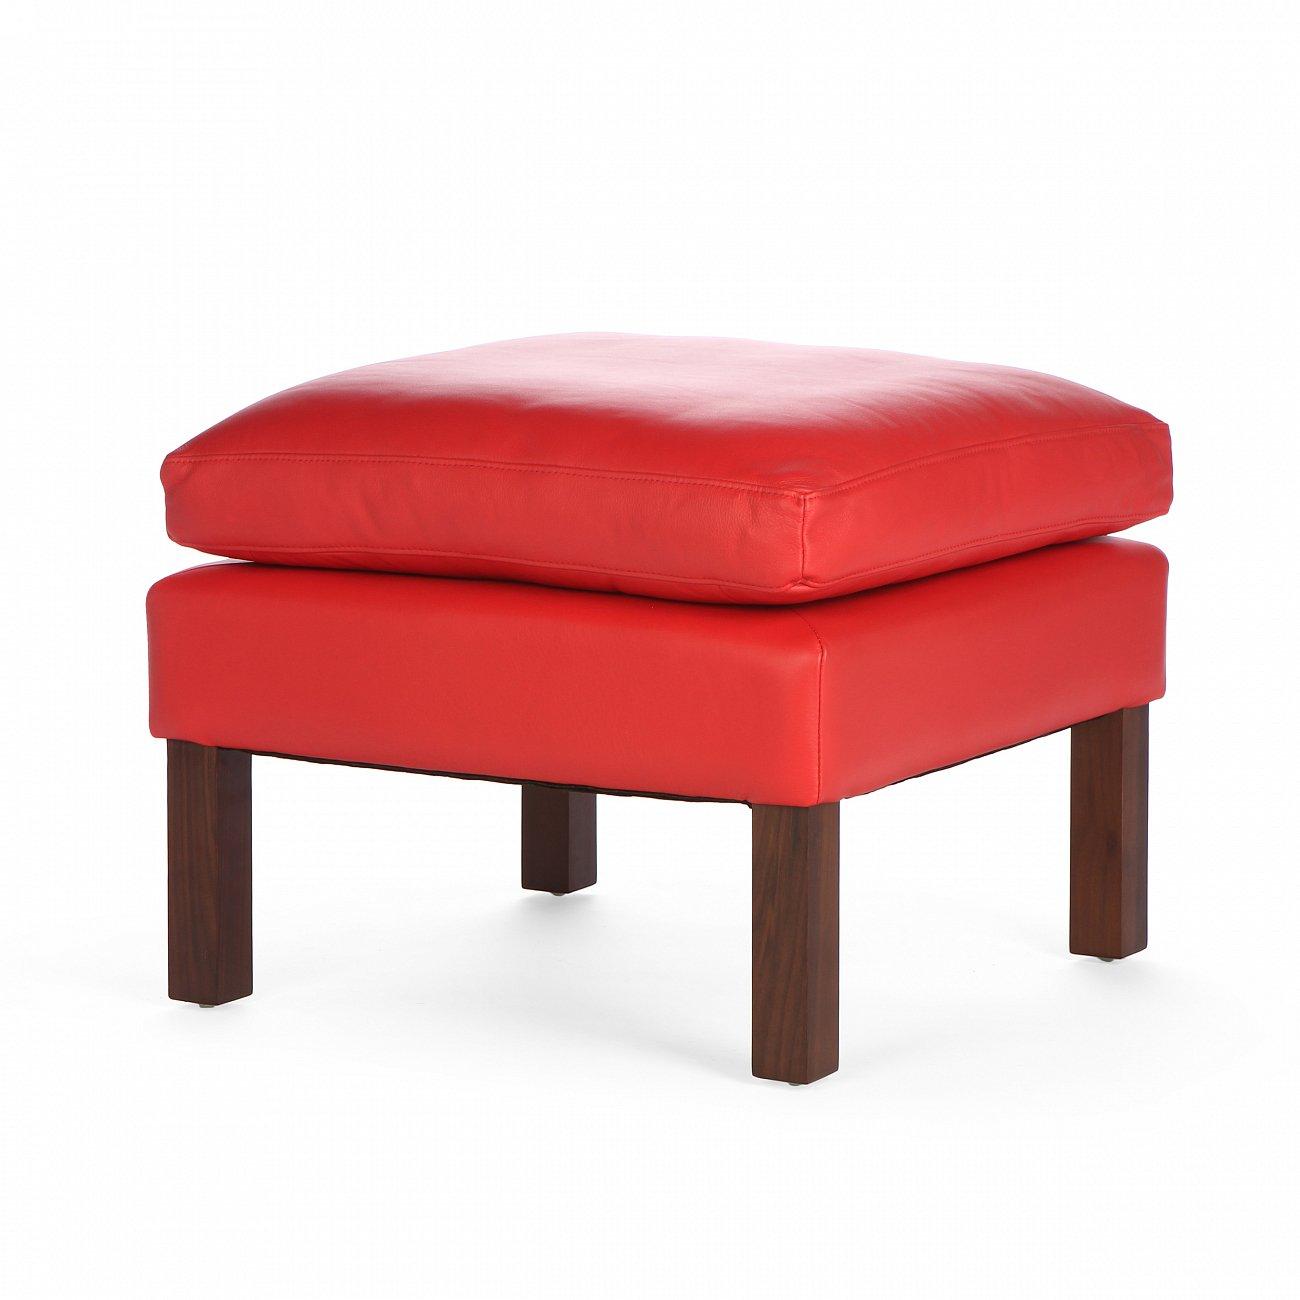 Купить Оттоманка Mogensen кожа waxy красная в интернет магазине дизайнерской мебели и аксессуаров для дома и дачи